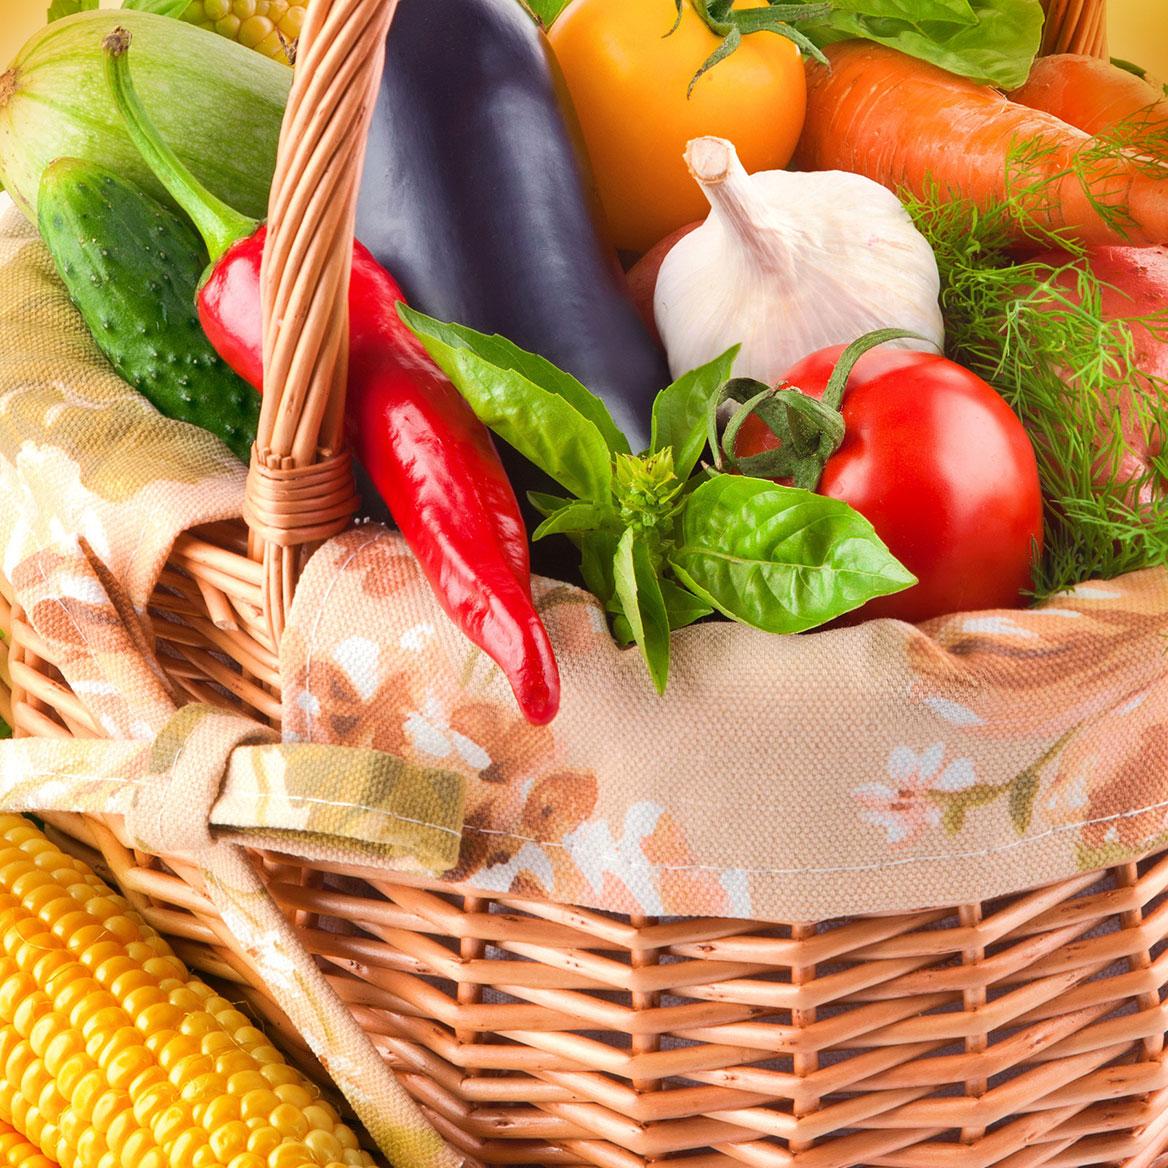 REPARTO DE FRUTAS Y VERDURAS HERMANOS DELGADO, S.L. | Tienda online de fruta y verdura en Madrid